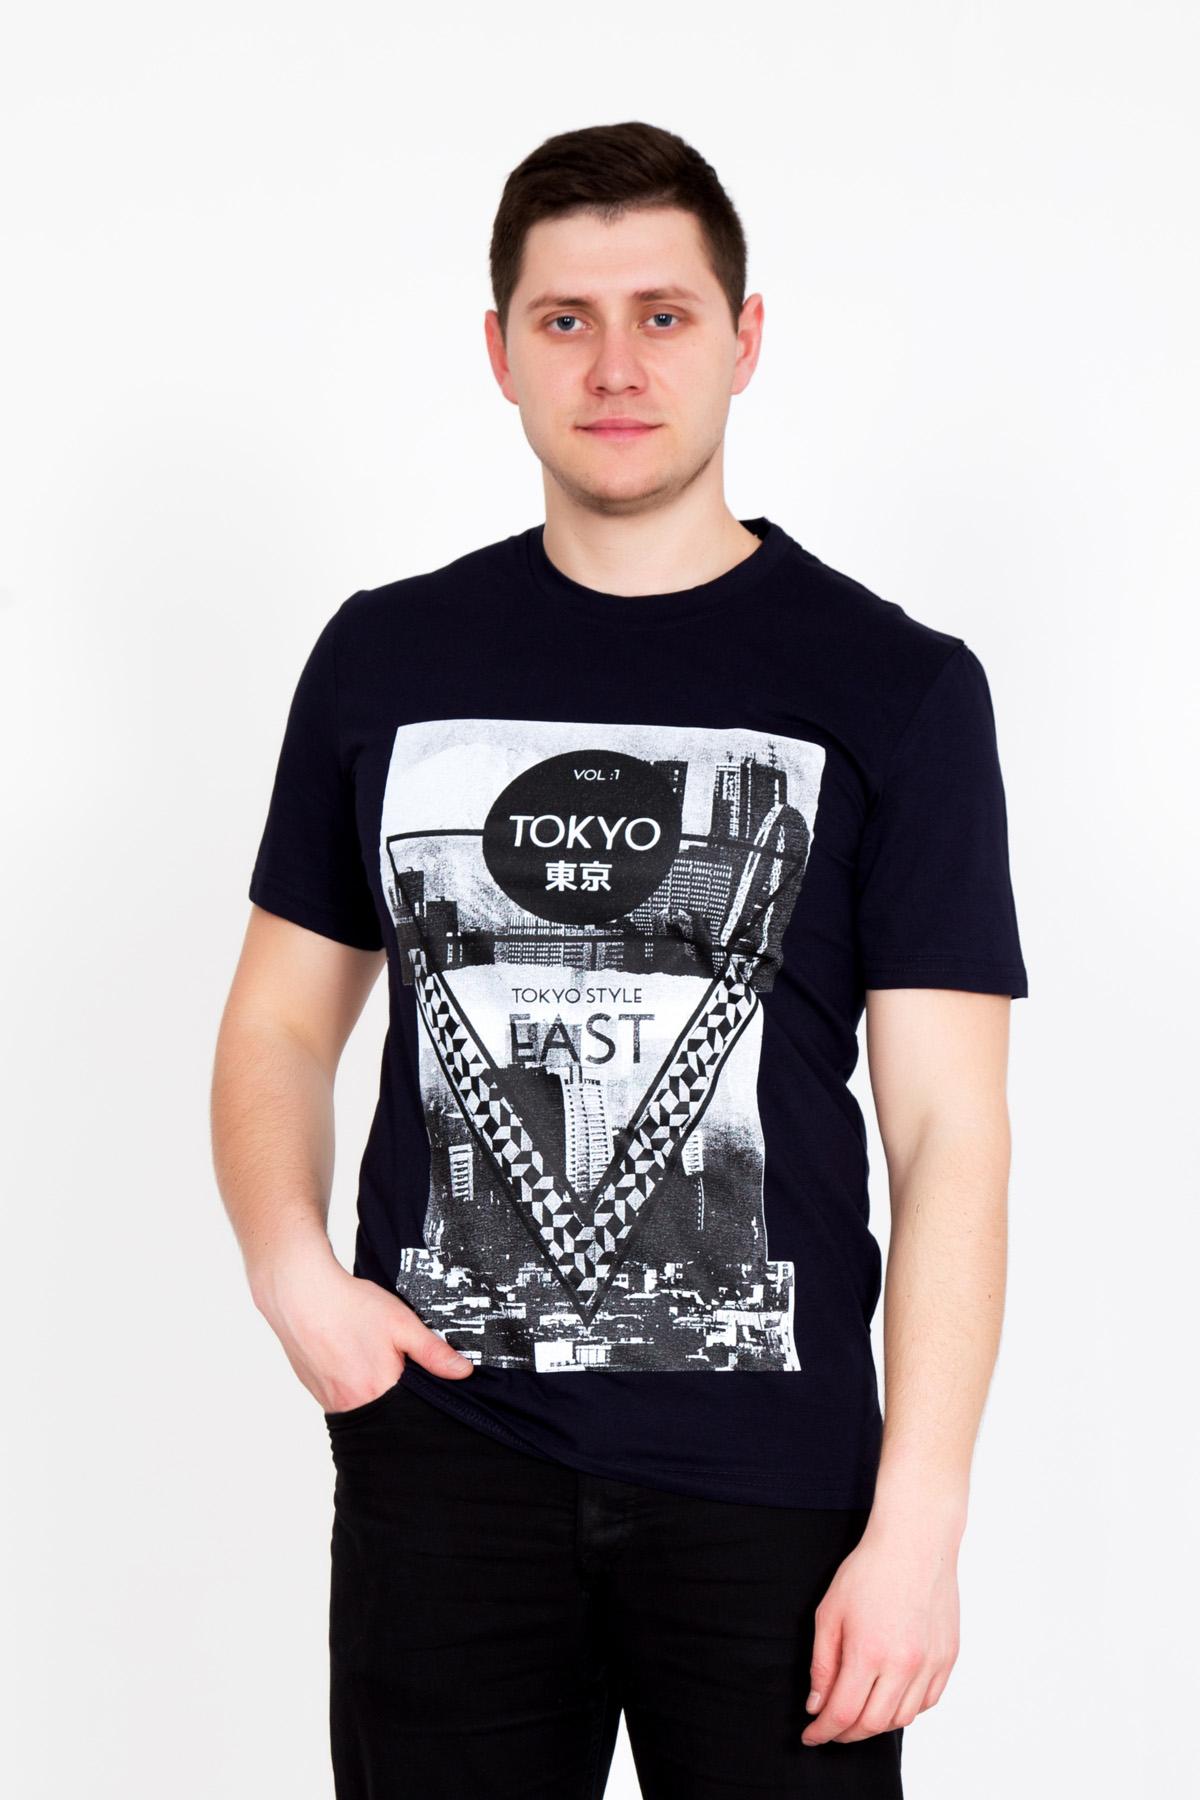 Муж. футболка Токио Черный р. 50Майки и футболки<br>Обхват груди:100 см<br>Обхват талии:92 см<br>Обхват бедер:106 см<br>Длина по спинке:72 см<br>Рост:176-182 см<br><br>Тип: Муж. футболка<br>Размер: 50<br>Материал: Кулирка